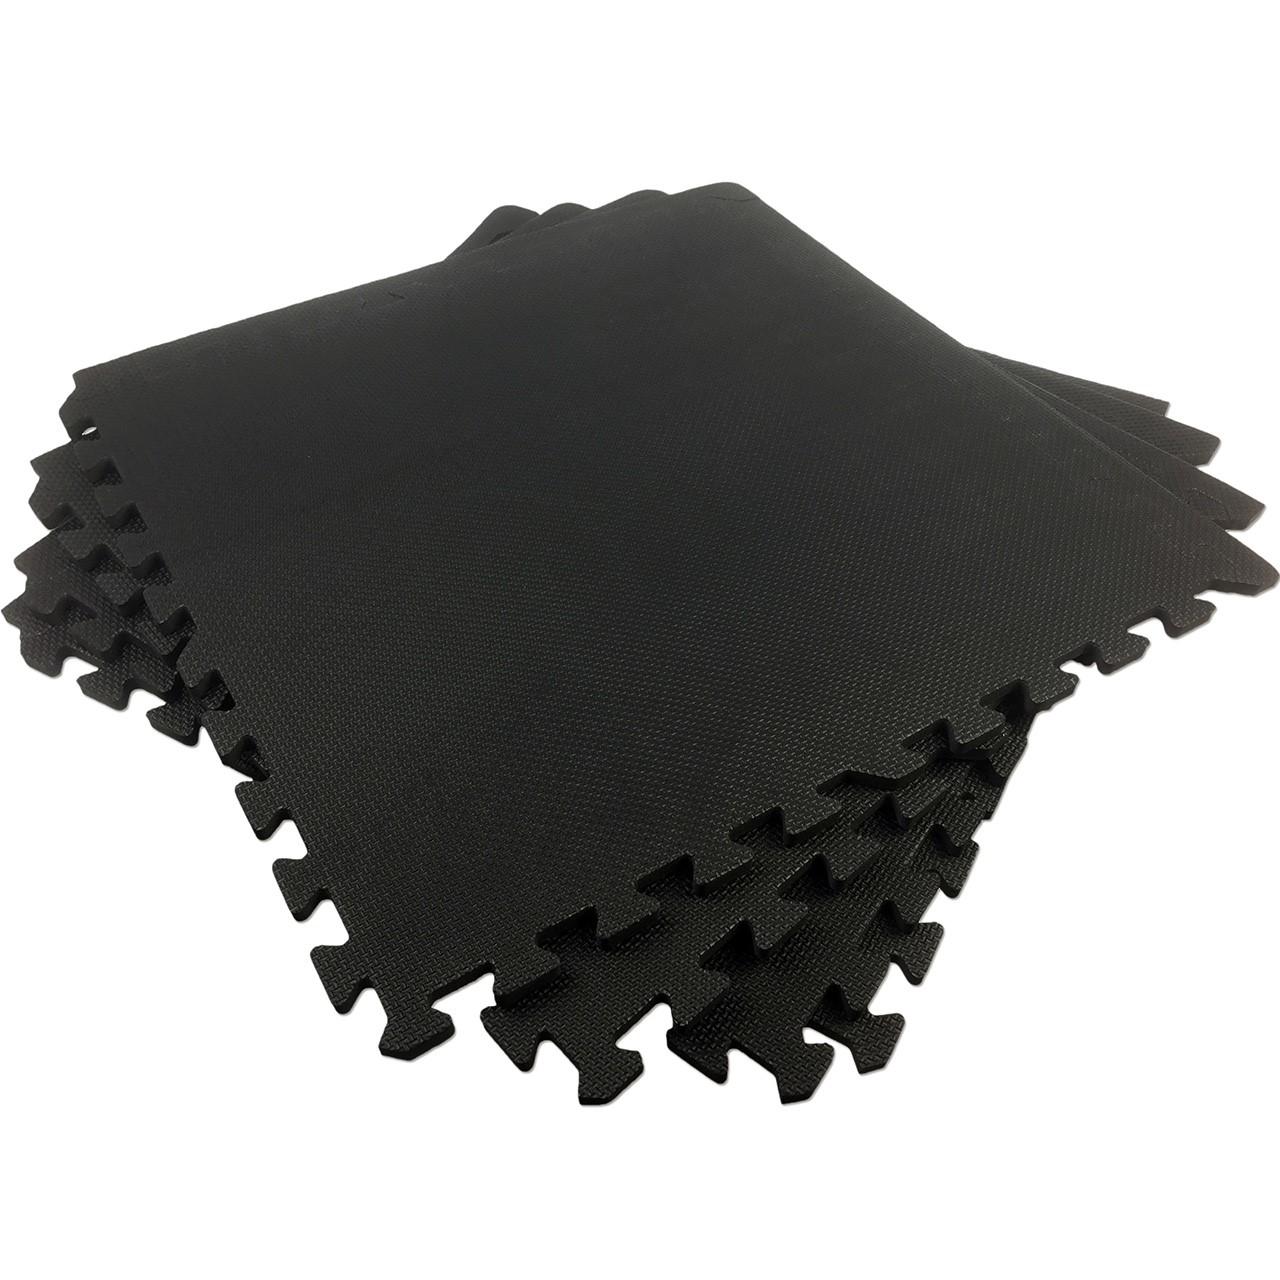 Podložka puzzle TUNTURI 120 x 120 cm tl. 11 mm